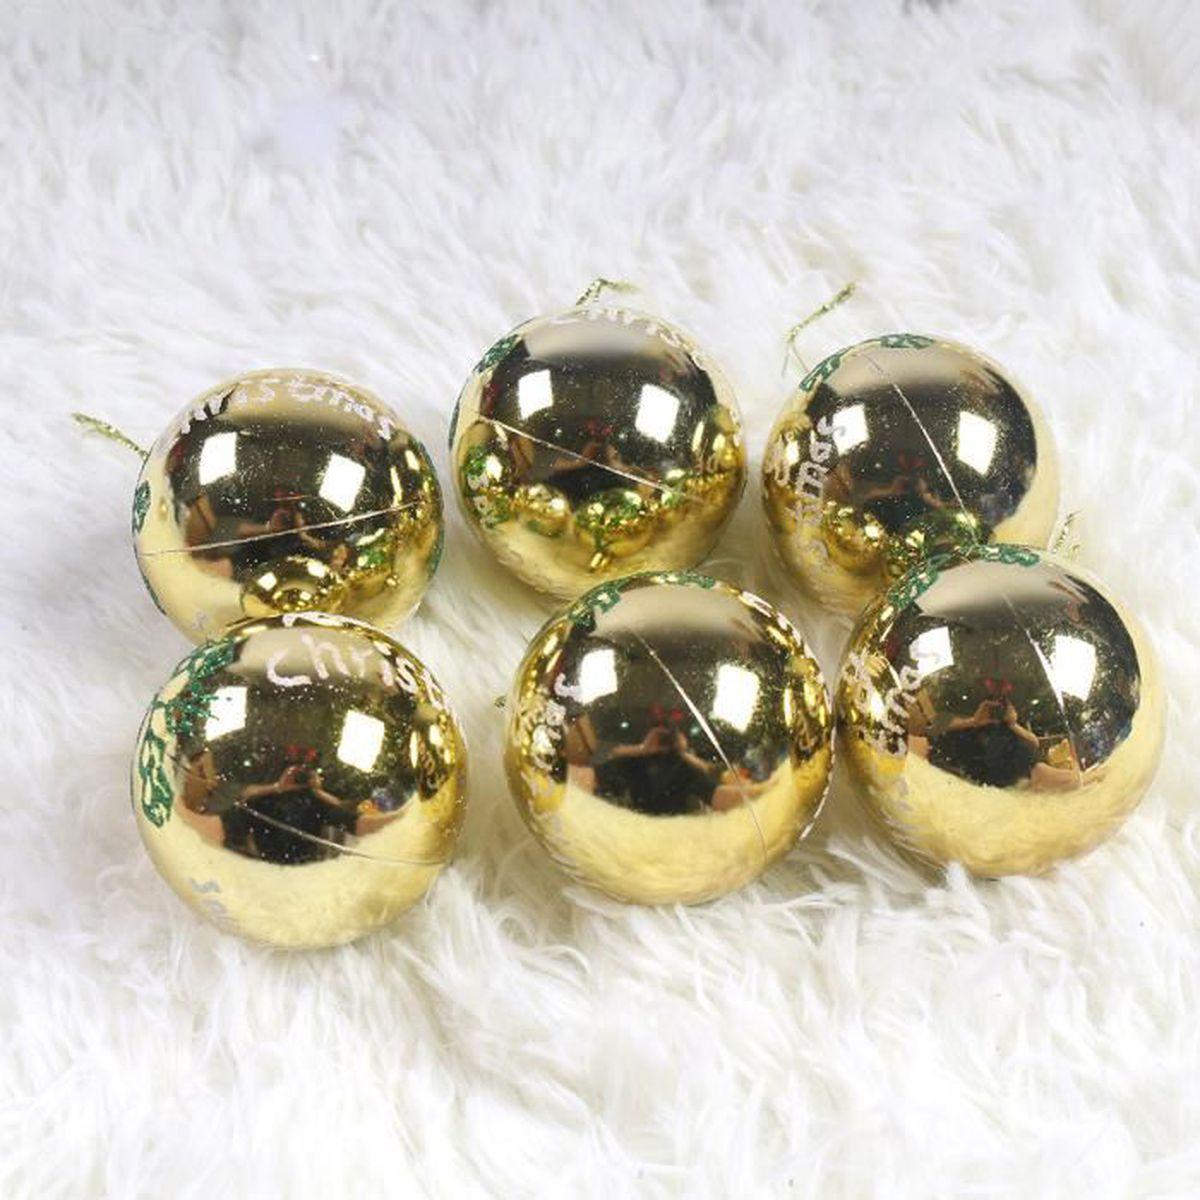 Idee Deco Boule Plastique Transparente Noel lot 24 boules pour décoration noel diverses occasions 4 modèles différents  6 pièces pour chaque modèle diamètre 6cm